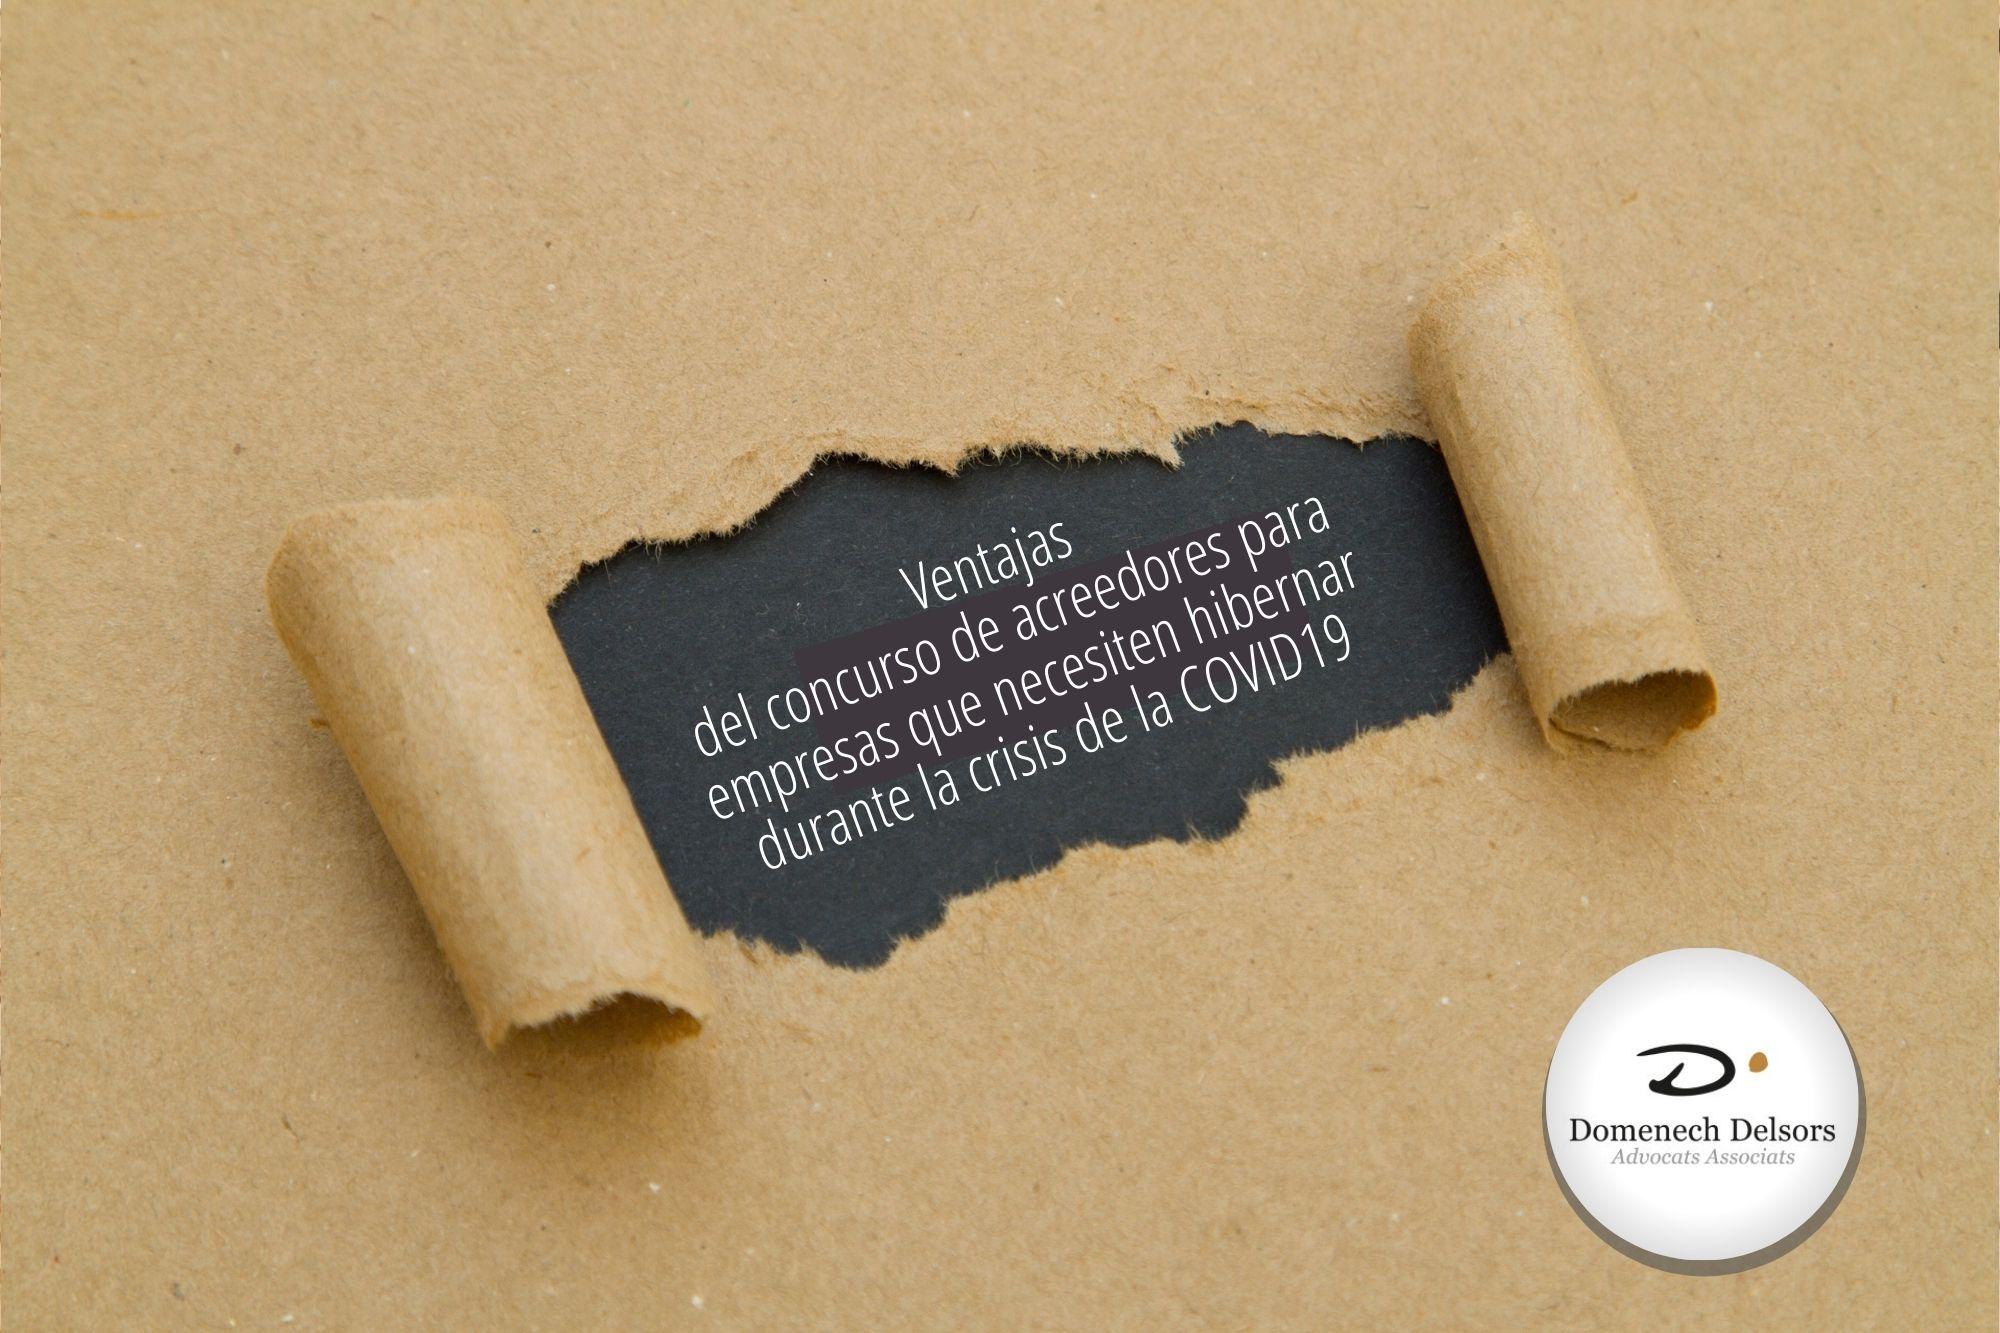 Ventajas Del Concurso De Acreedores Para Empresas Que Necesiten Hibernar Durante La Crisis De La COVID19.